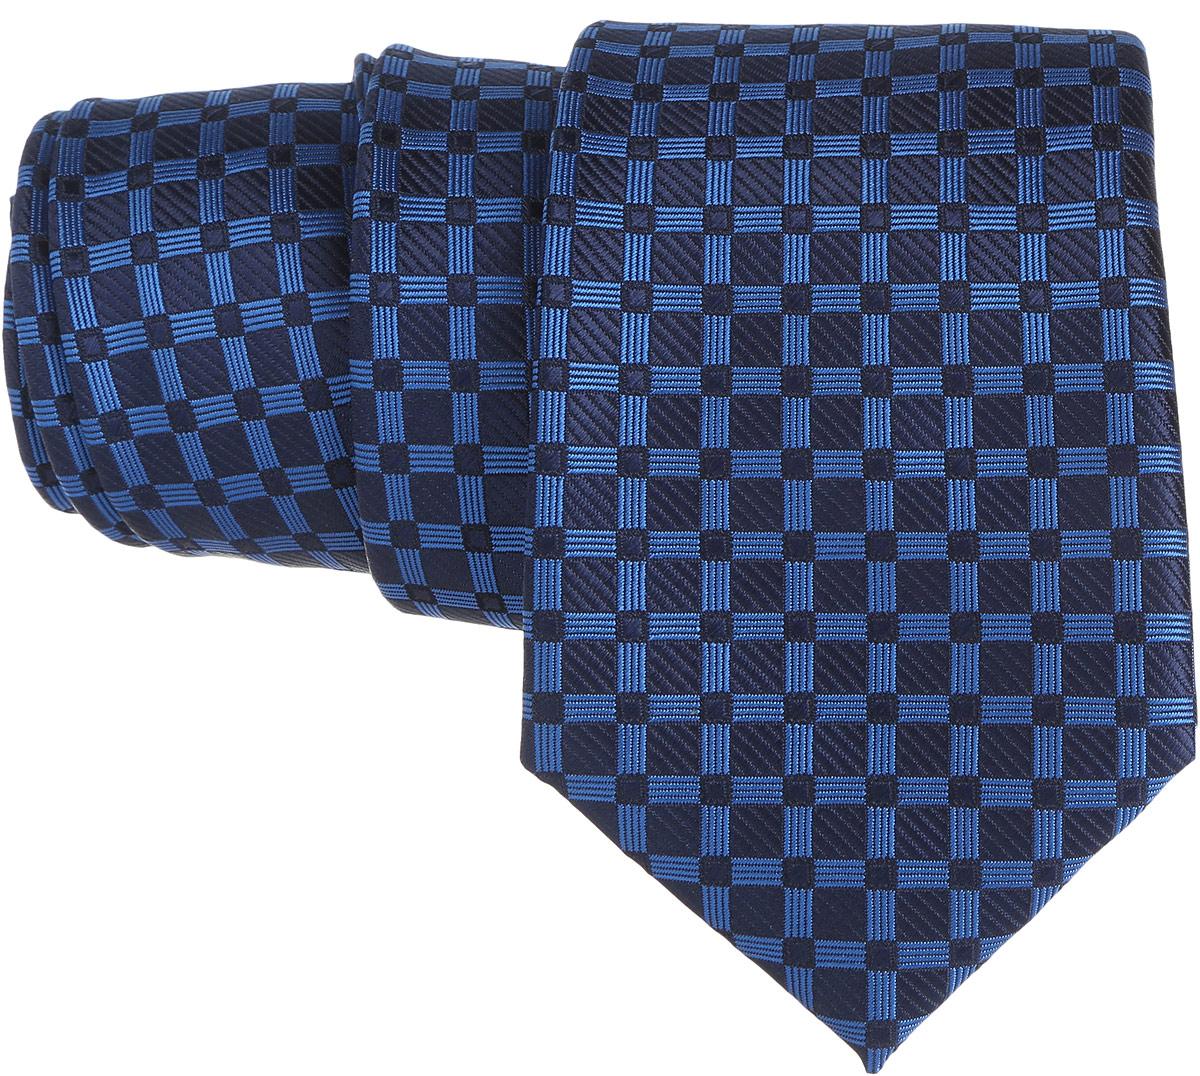 Галстук. 12.01526212.015261Стильный галстук BTC станет отличным завершающим штрихом вашего образа. Этот модный аксессуар порадует вас высоким качеством исполнения и современным дизайном. Изделие полностью выполнено из качественного полиэстера. Галстук оформлен оригинальным принтом. Такой оригинальный галстук подойдет как к повседневному, так и к официальному наряду, он позволит вам подчеркнуть свою индивидуальность и создать свой неповторимый стиль.